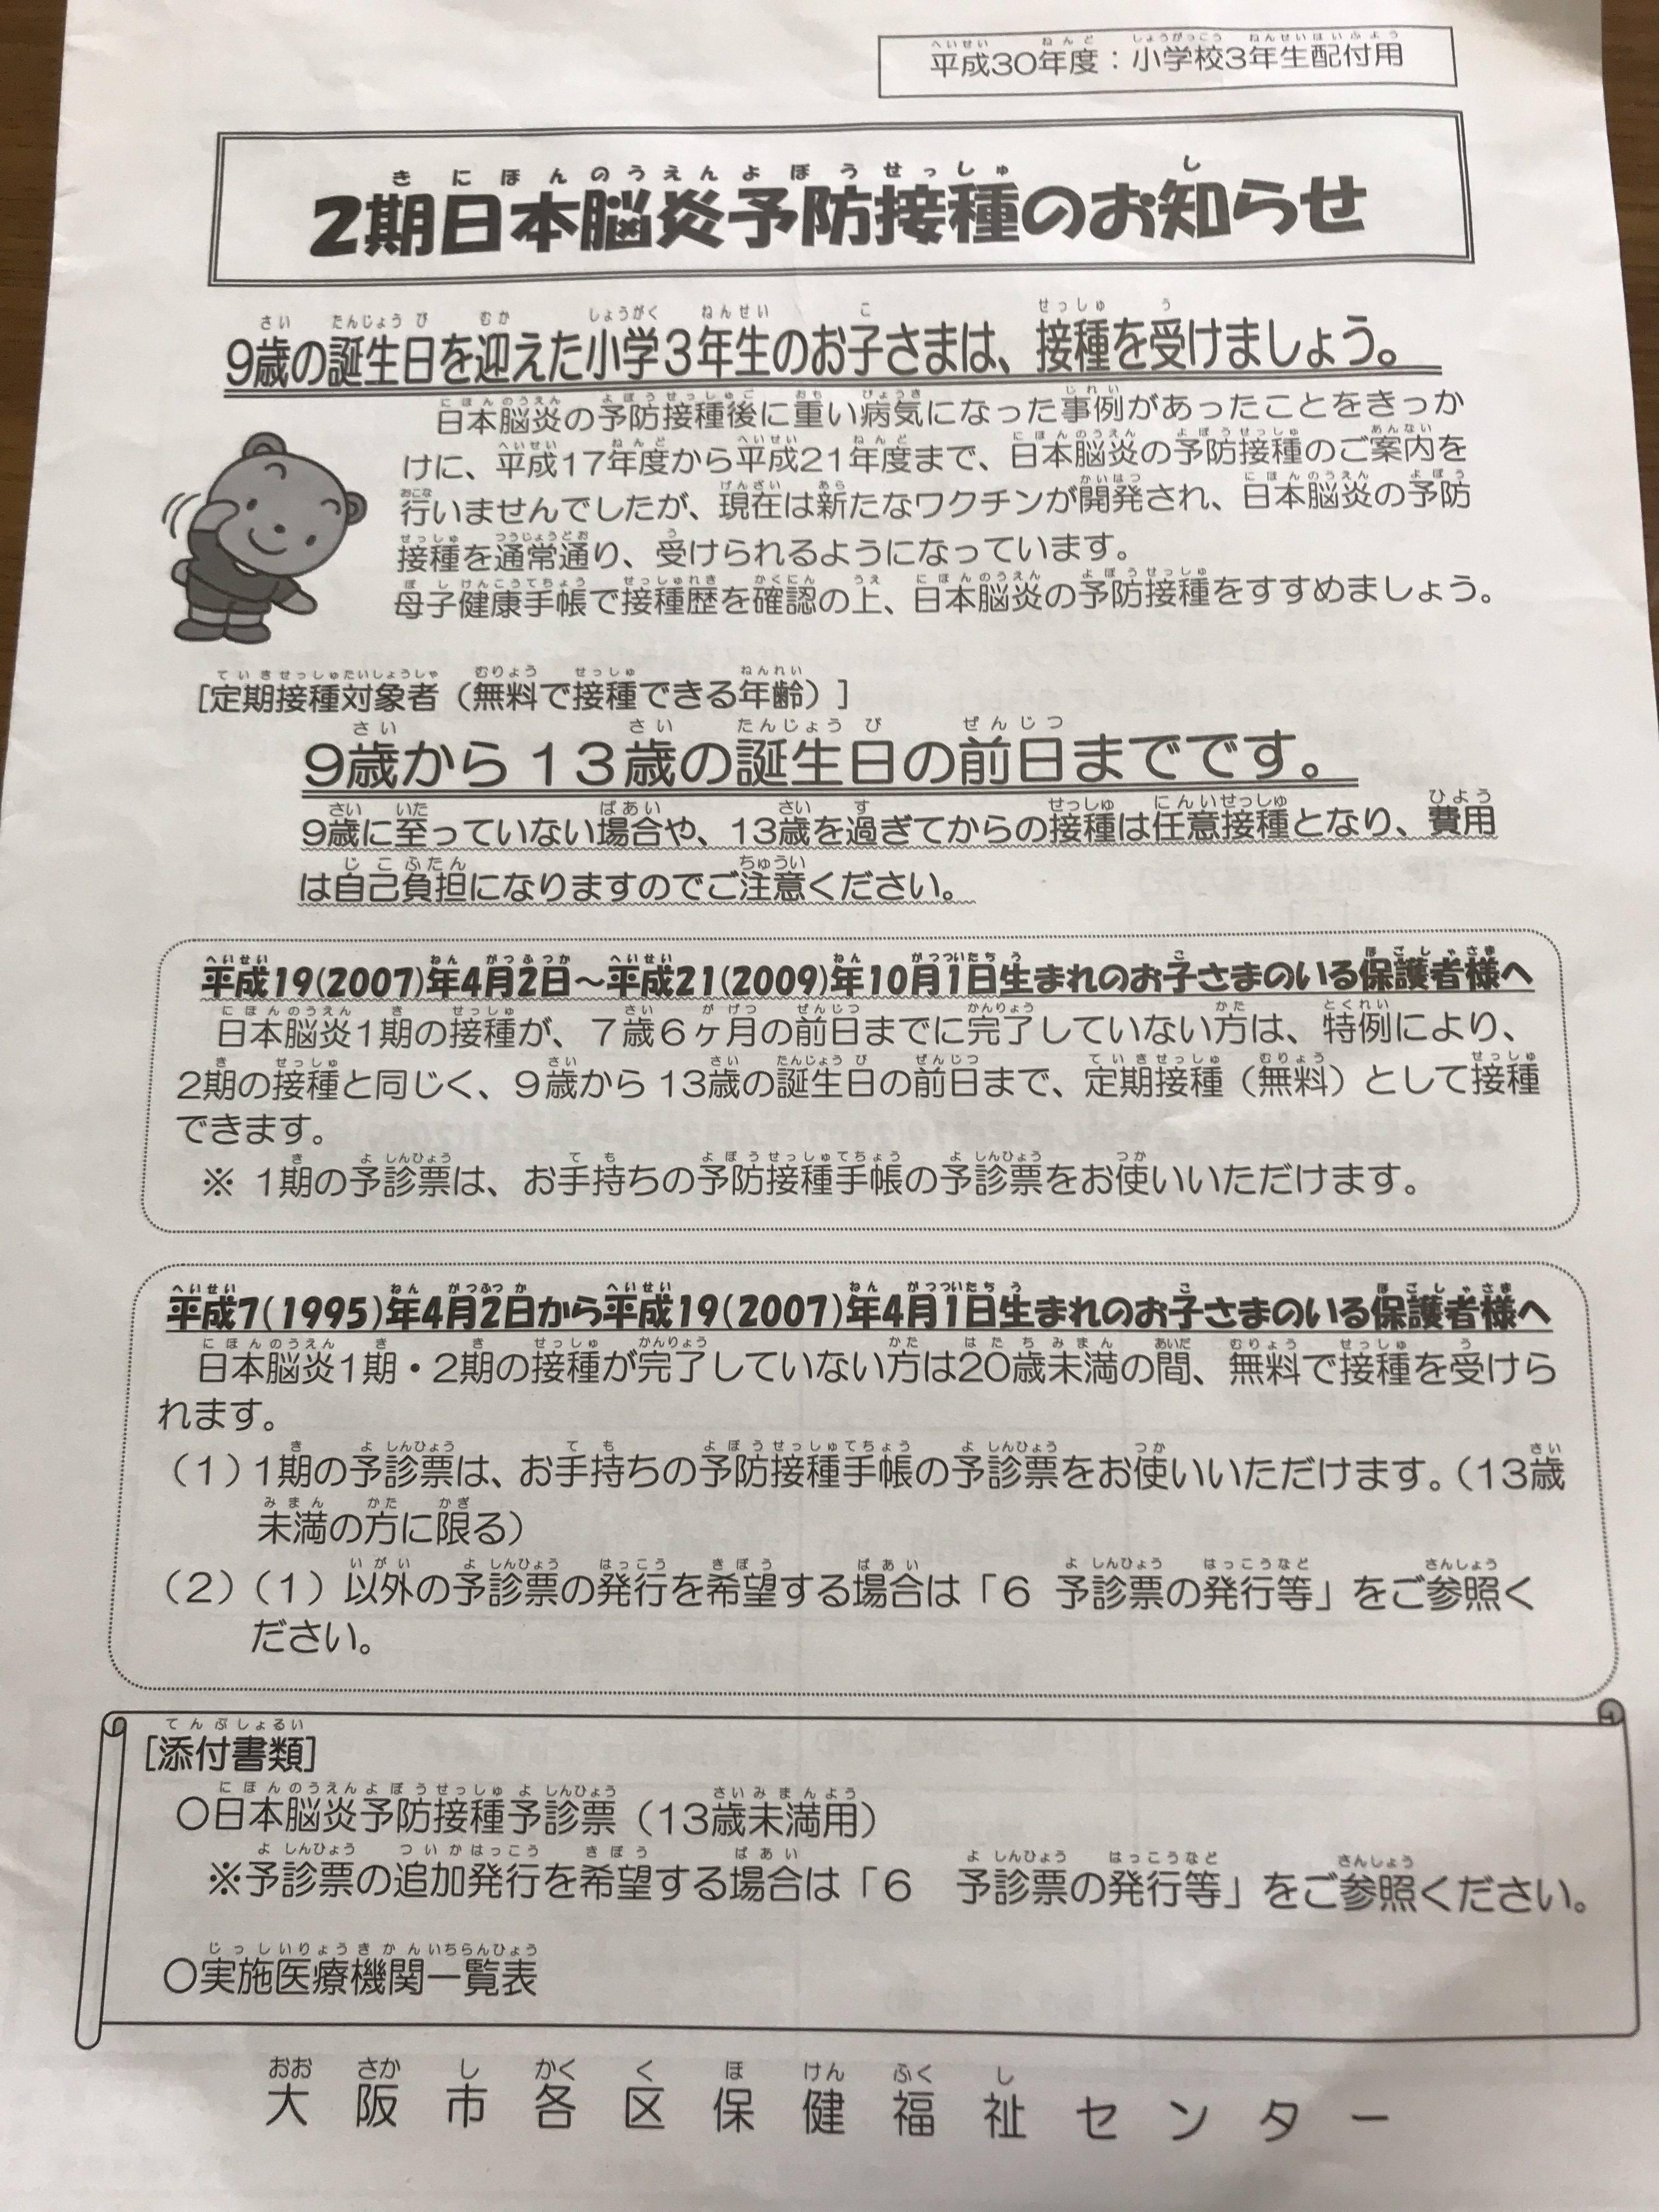 脳炎 接種 日本 予防